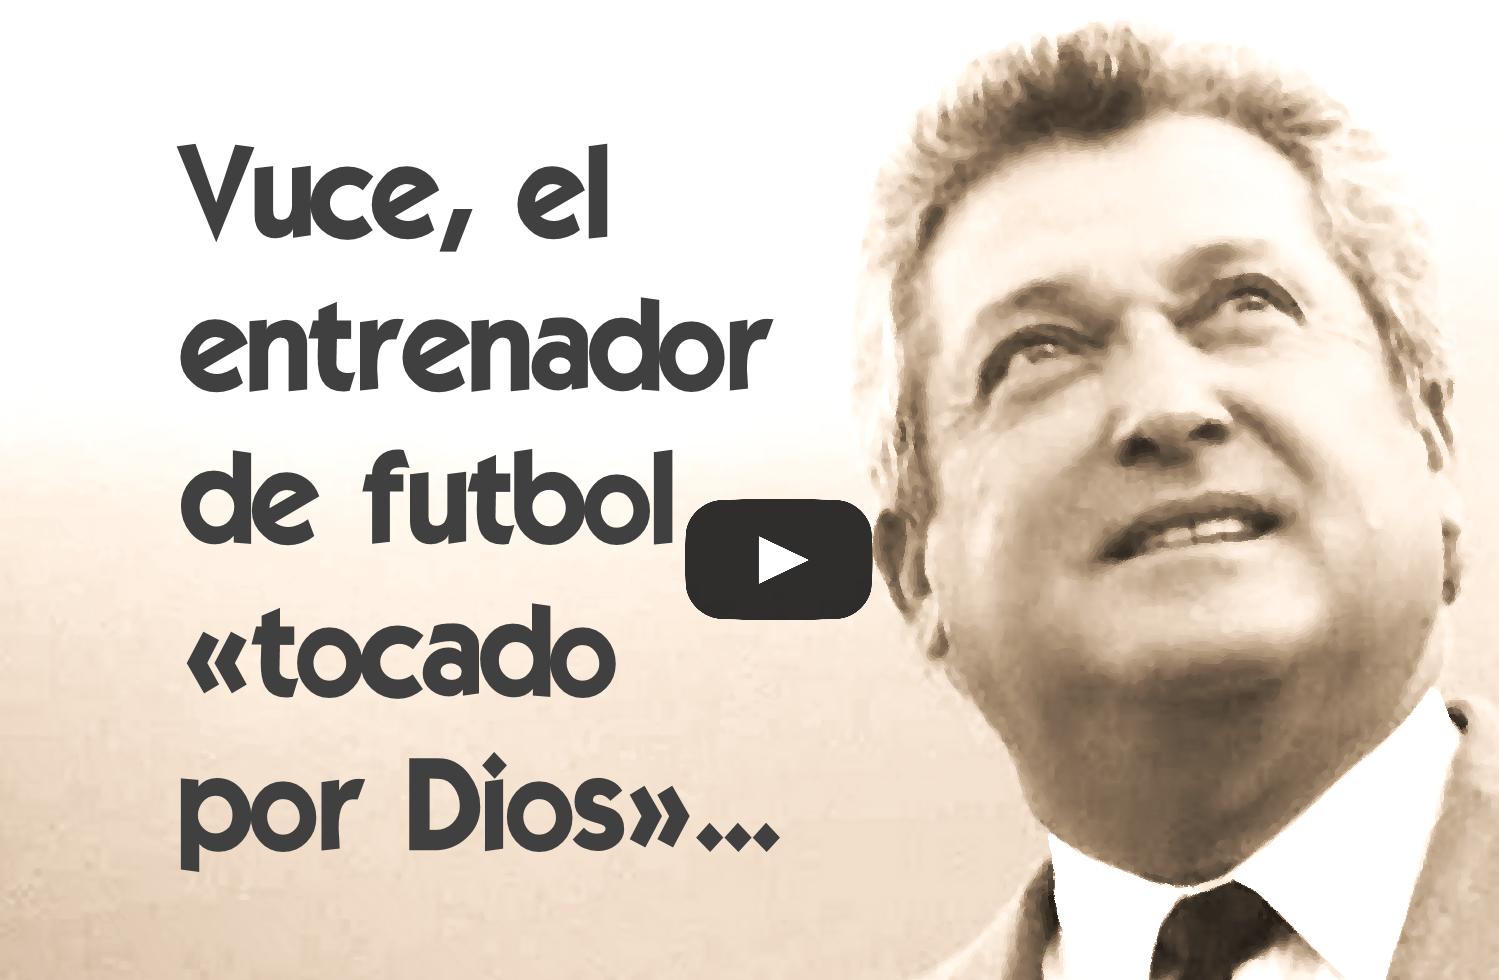 Vuce, el entrenador de futbol «tocado por Dios»